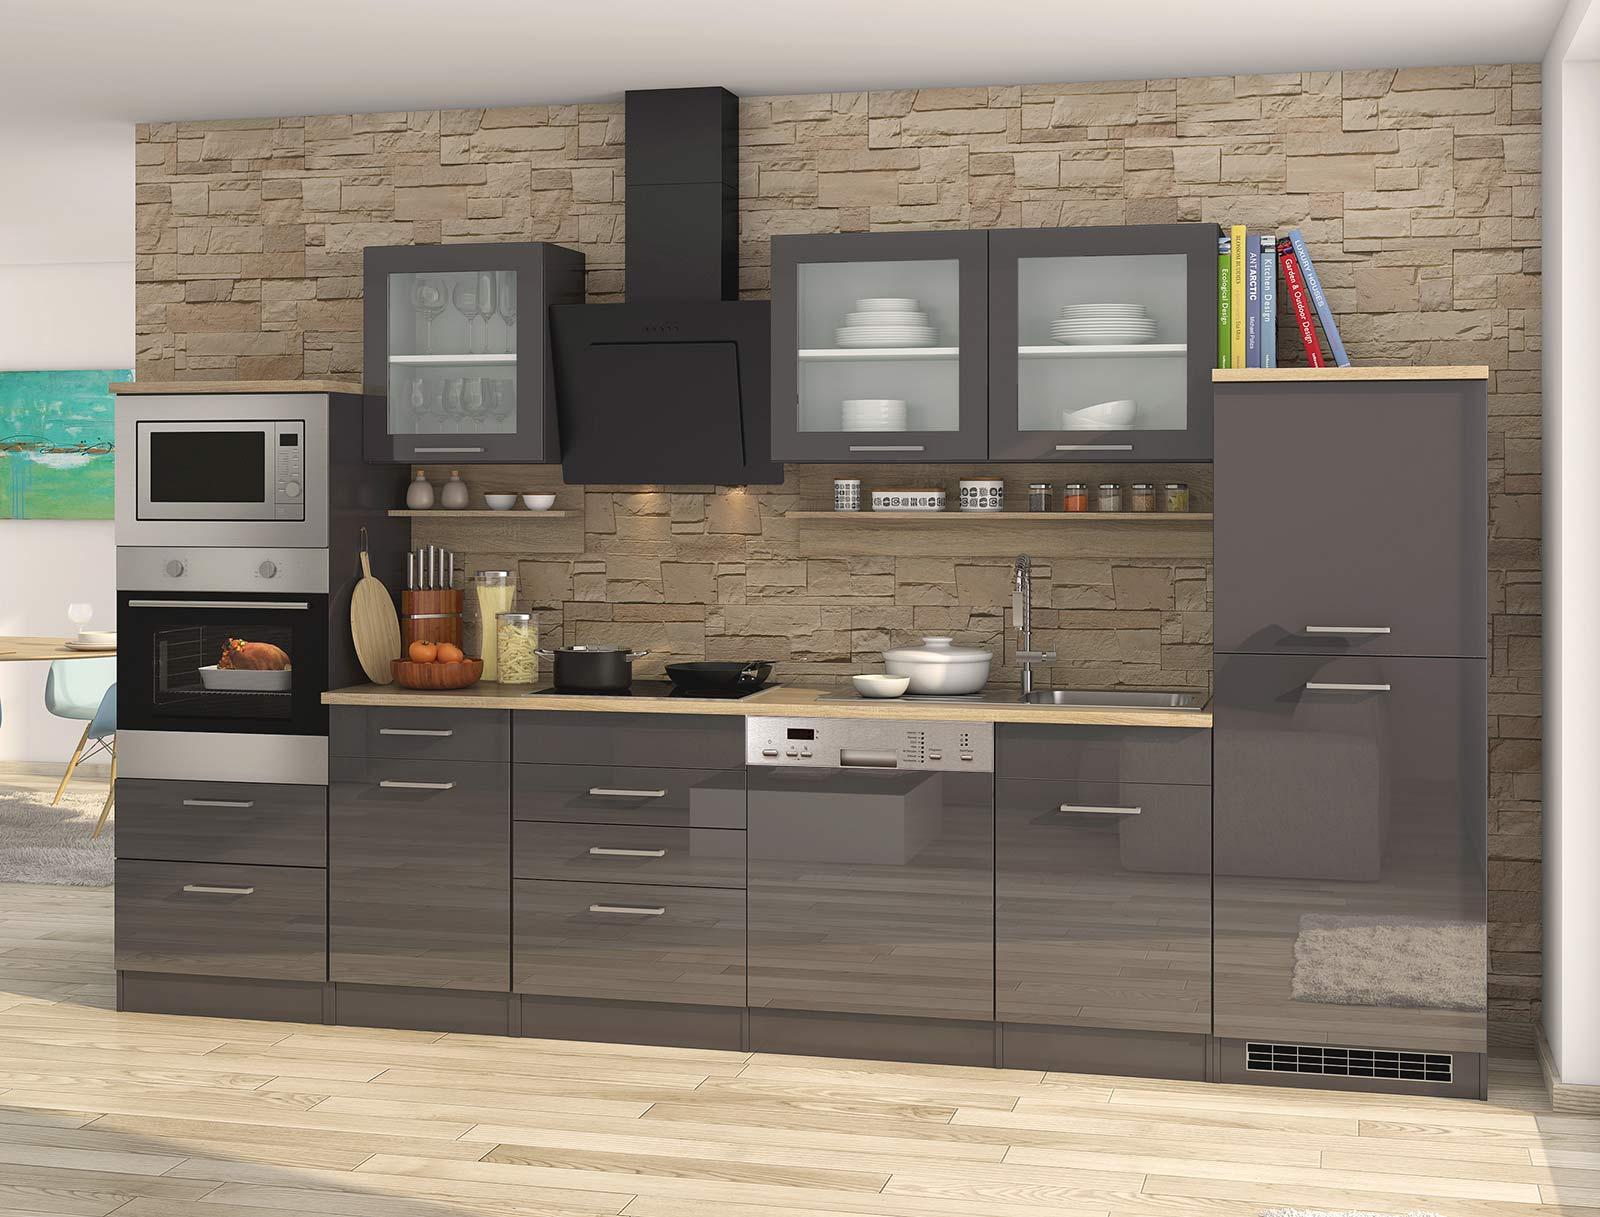 Lifestyle4Living Küchenblock, grau Hochglanz, Stellmaß: ca. 340 cm, mit Elektrogeräten inkl. Geschirrspüler und Mikrowelle